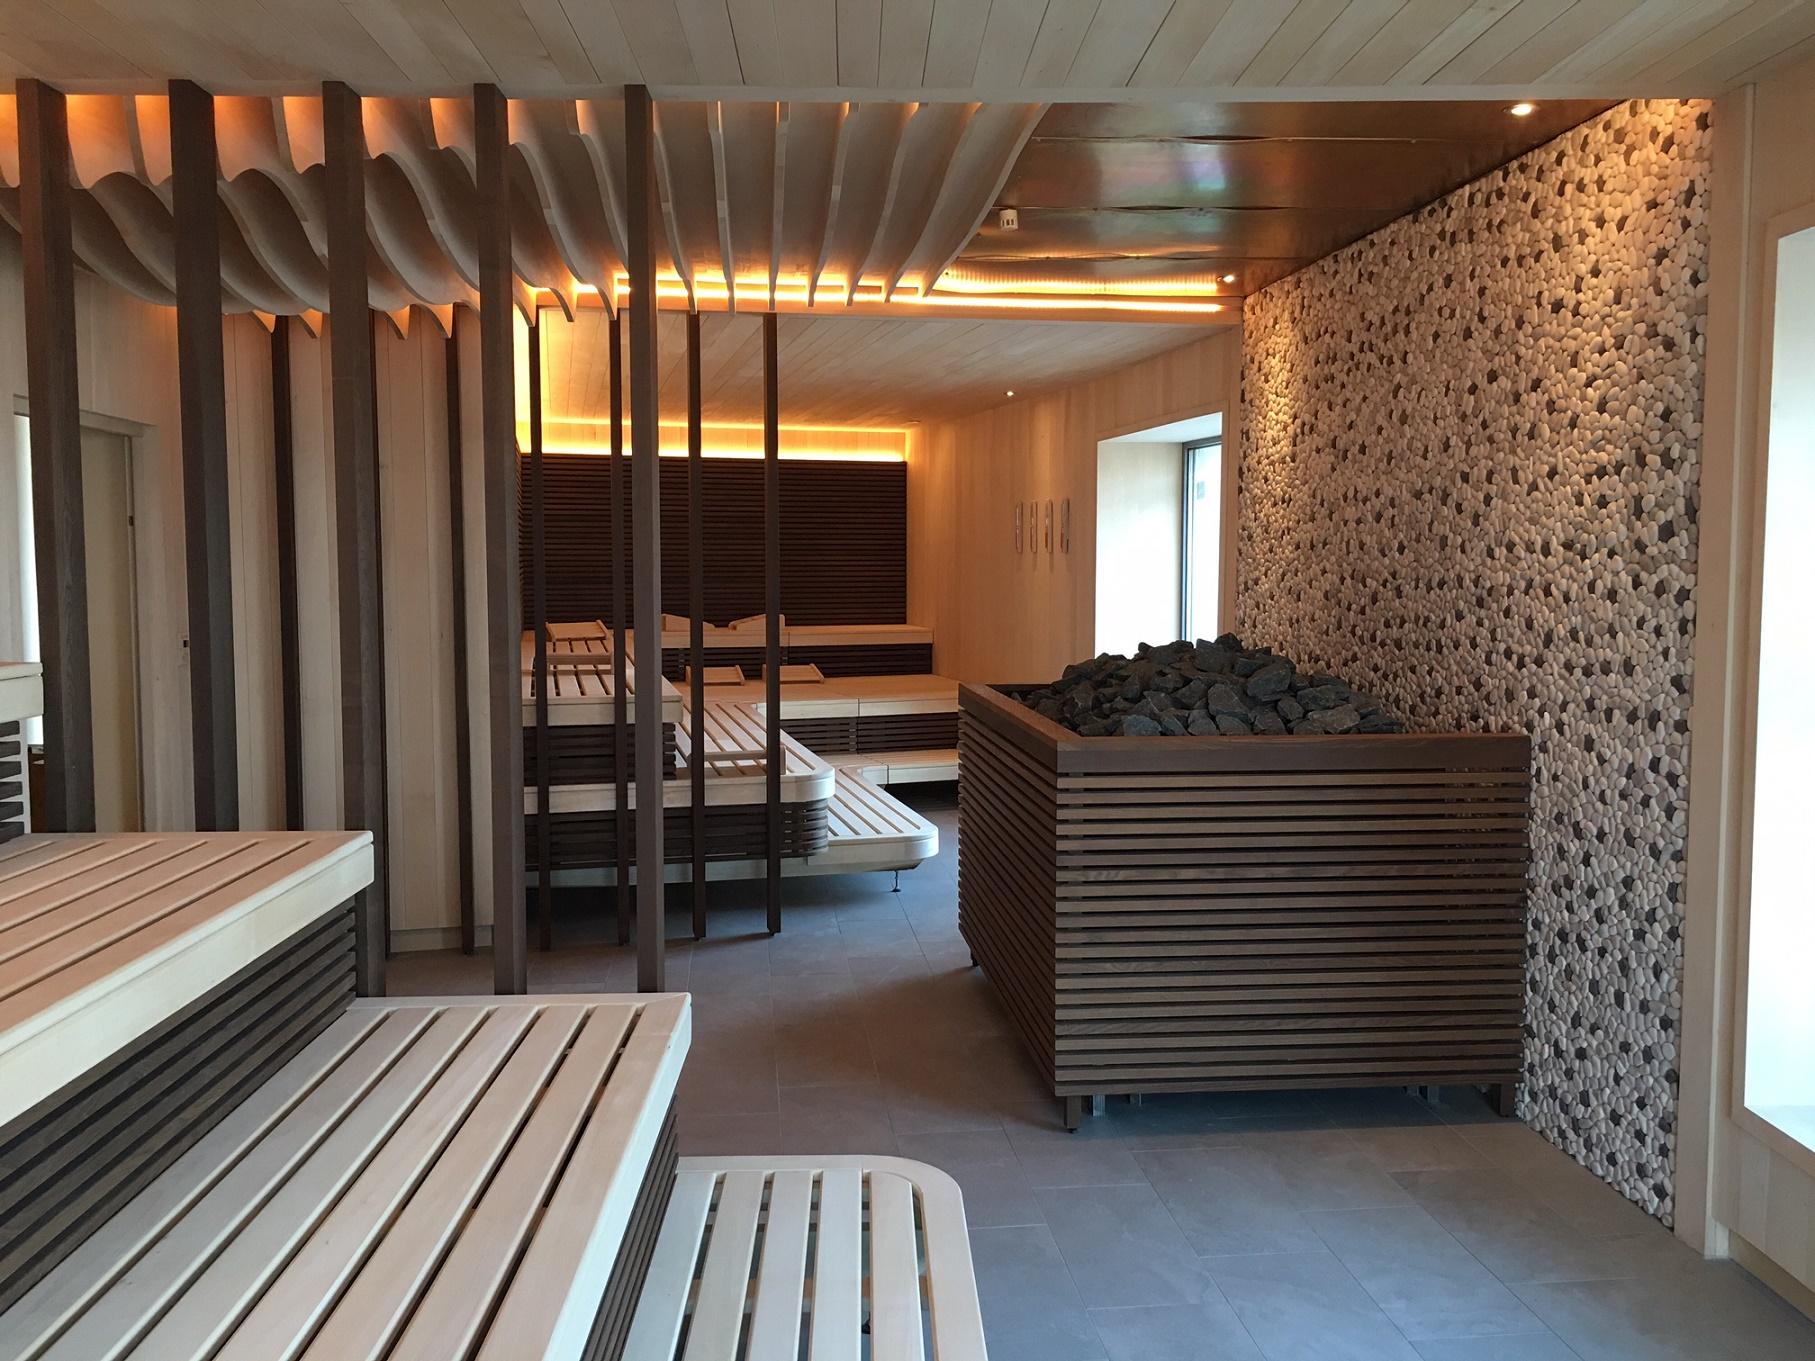 O complexo de saunas é gigantesco e climatizado. Dois andares. Paga-se 17 euros por três horas de uso. Foto de Divulgação